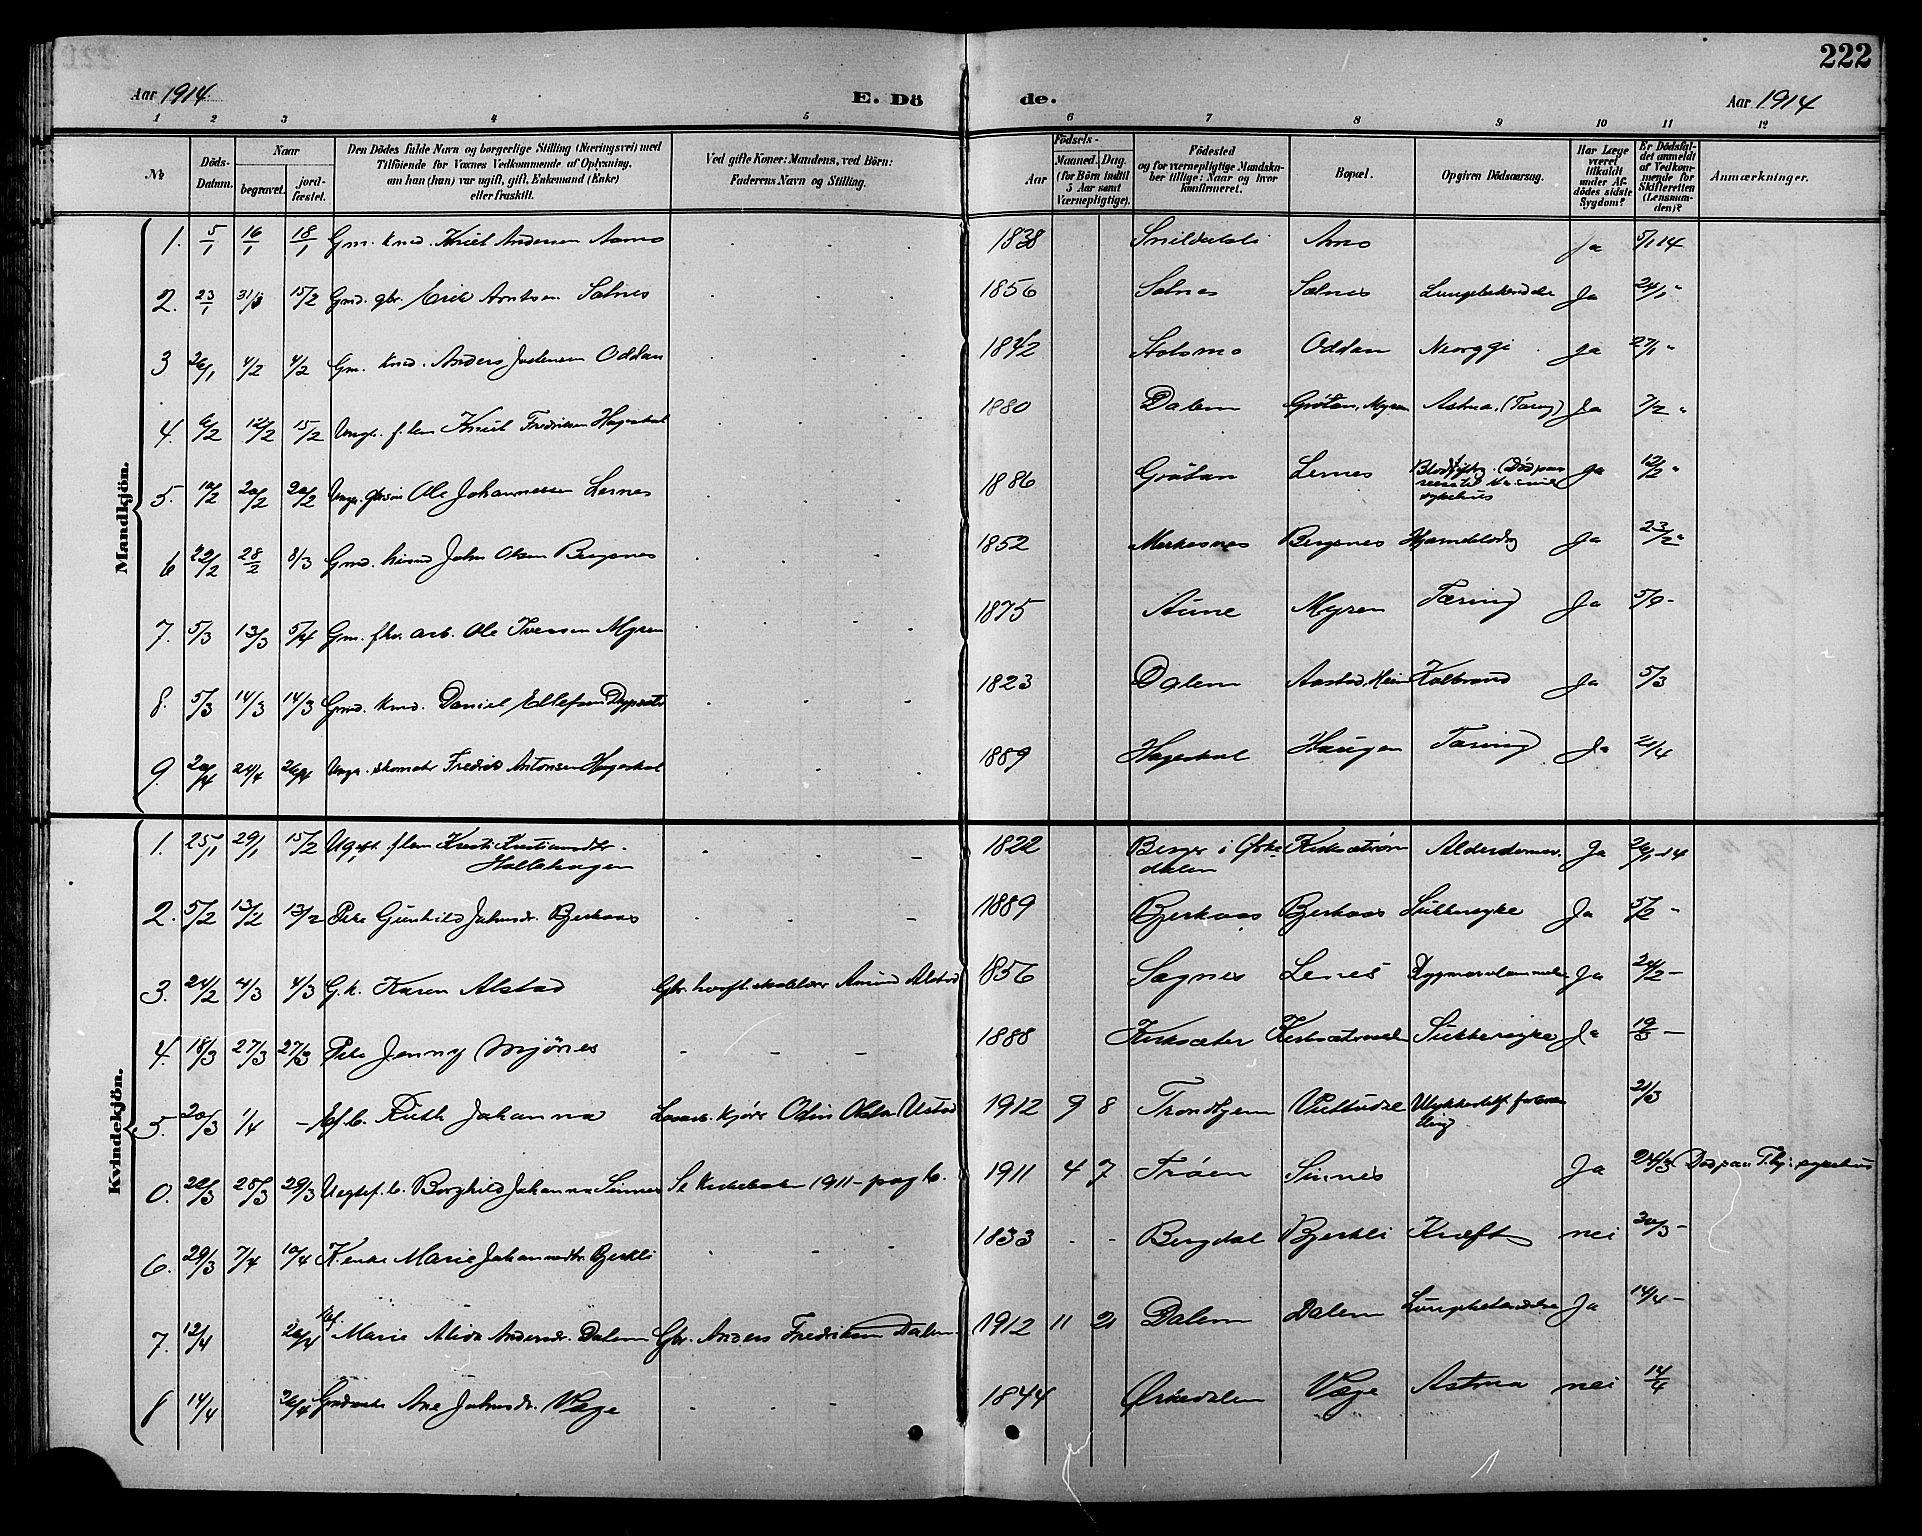 SAT, Ministerialprotokoller, klokkerbøker og fødselsregistre - Sør-Trøndelag, 630/L0505: Klokkerbok nr. 630C03, 1899-1914, s. 222